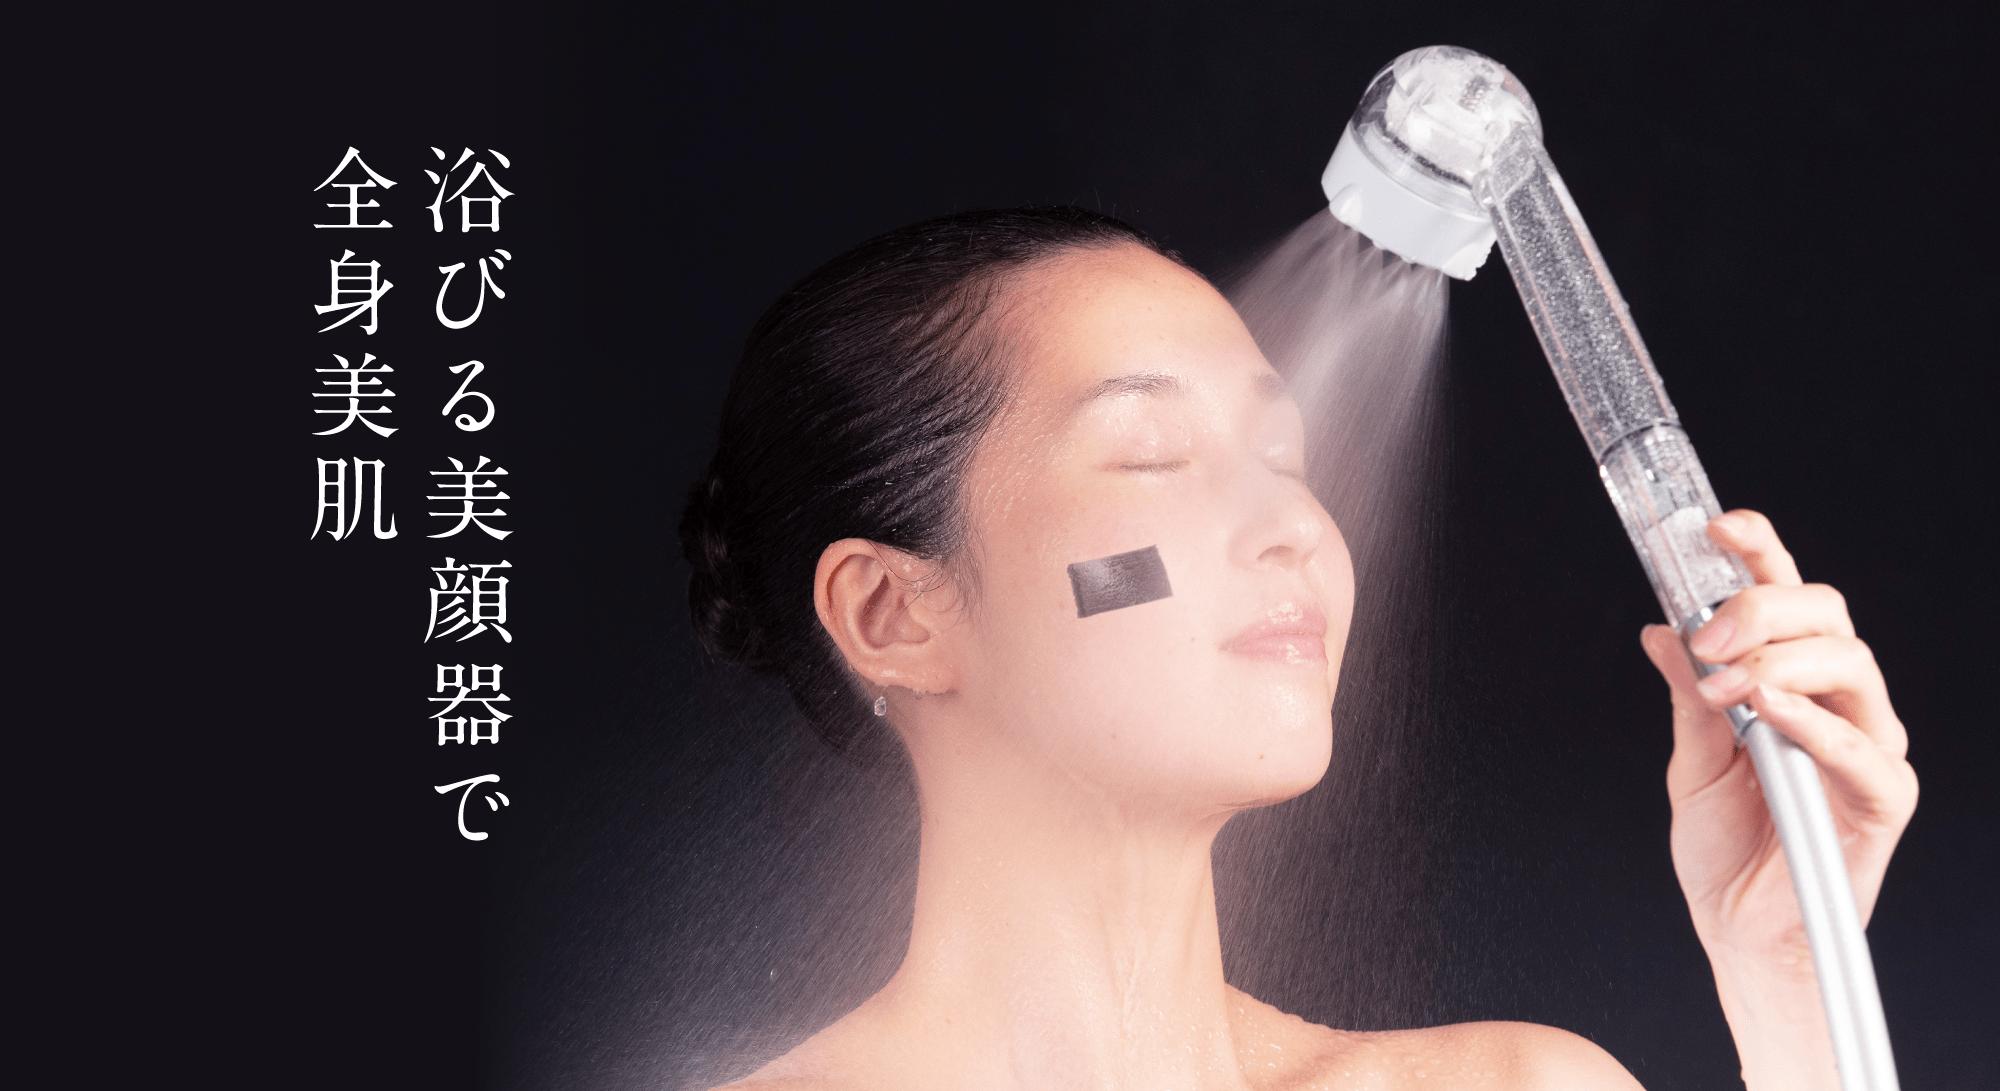 浴びる美顔器で全身美肌